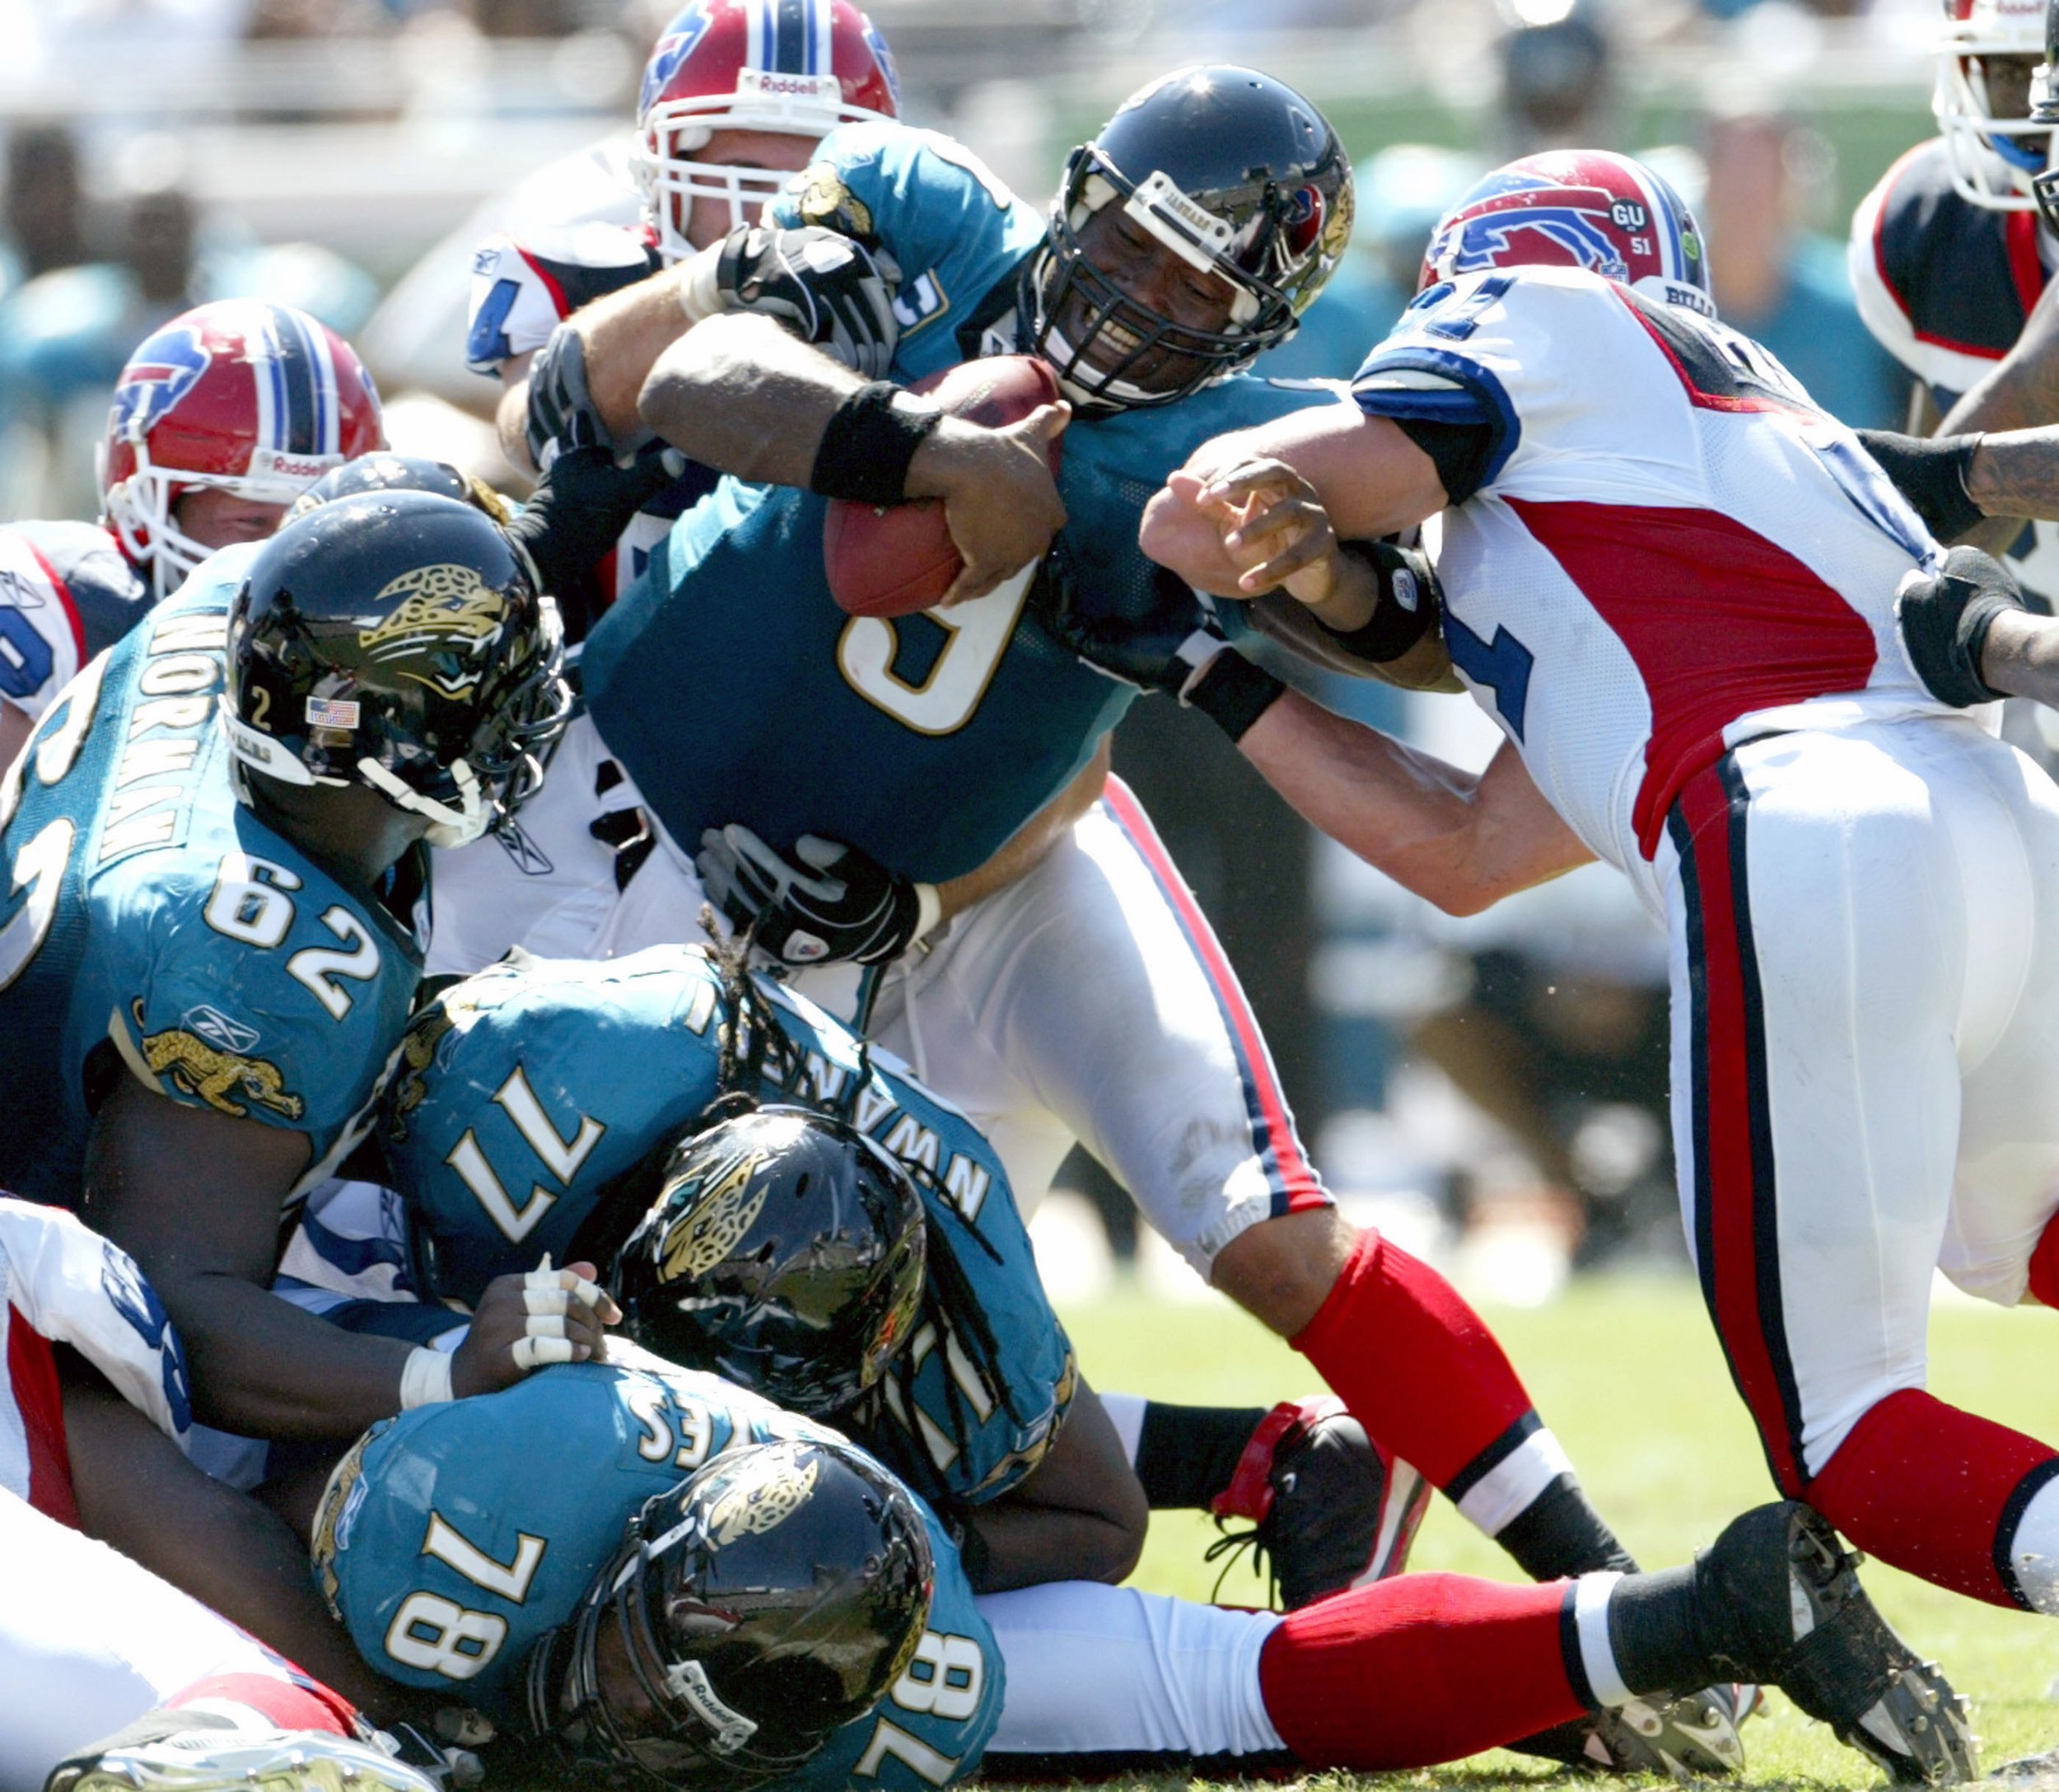 6-4-15 NFL Bills-Jaguars